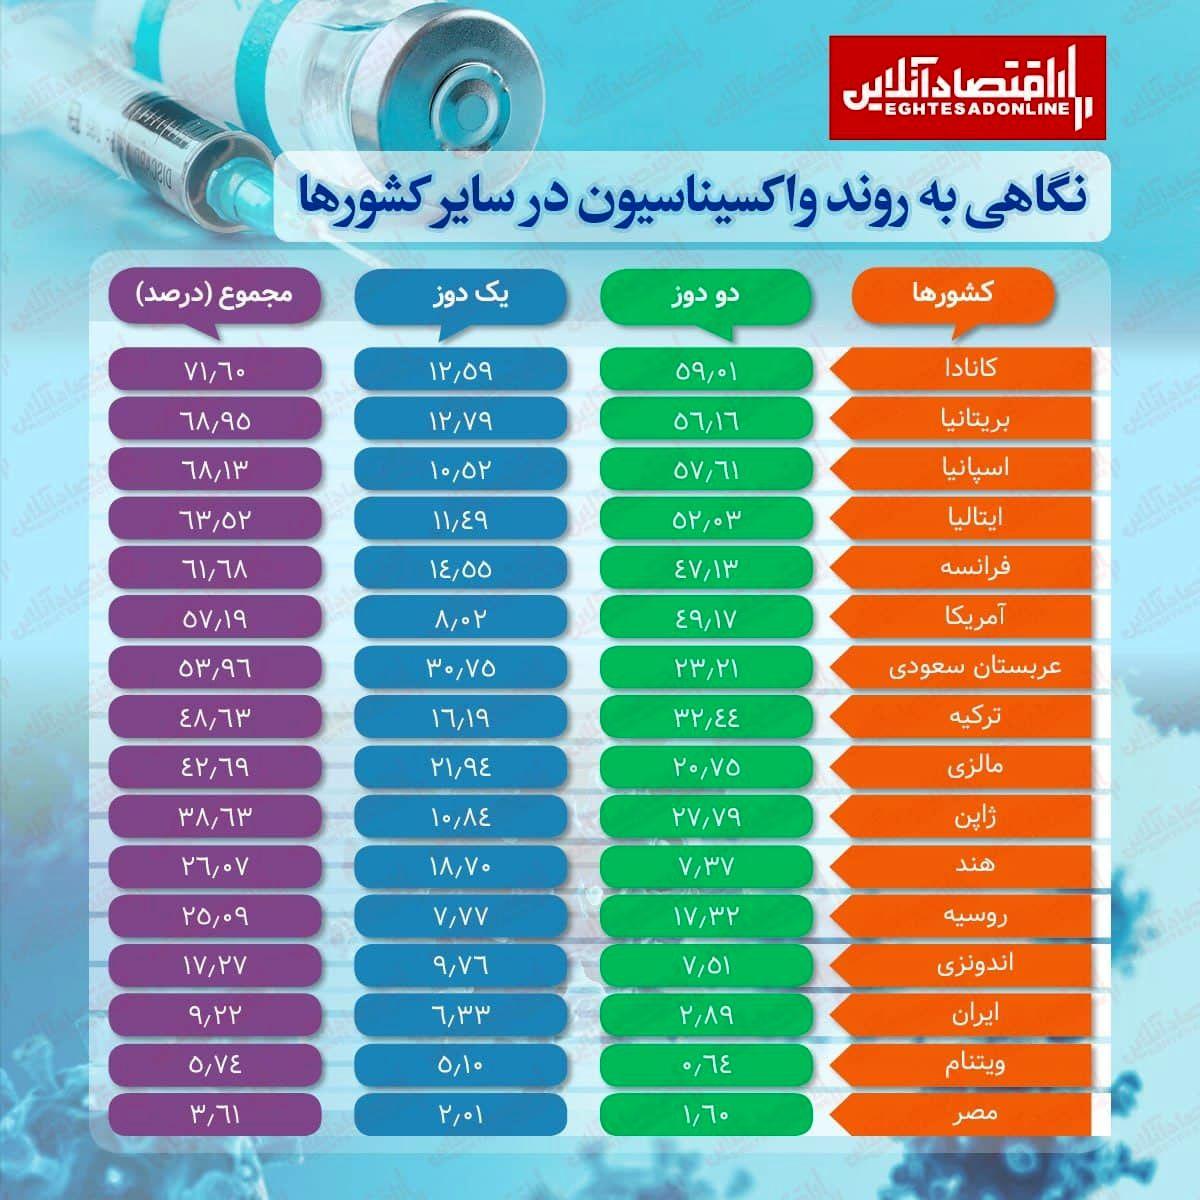 نگاهی به روند واکسیناسیون در سایر کشورها